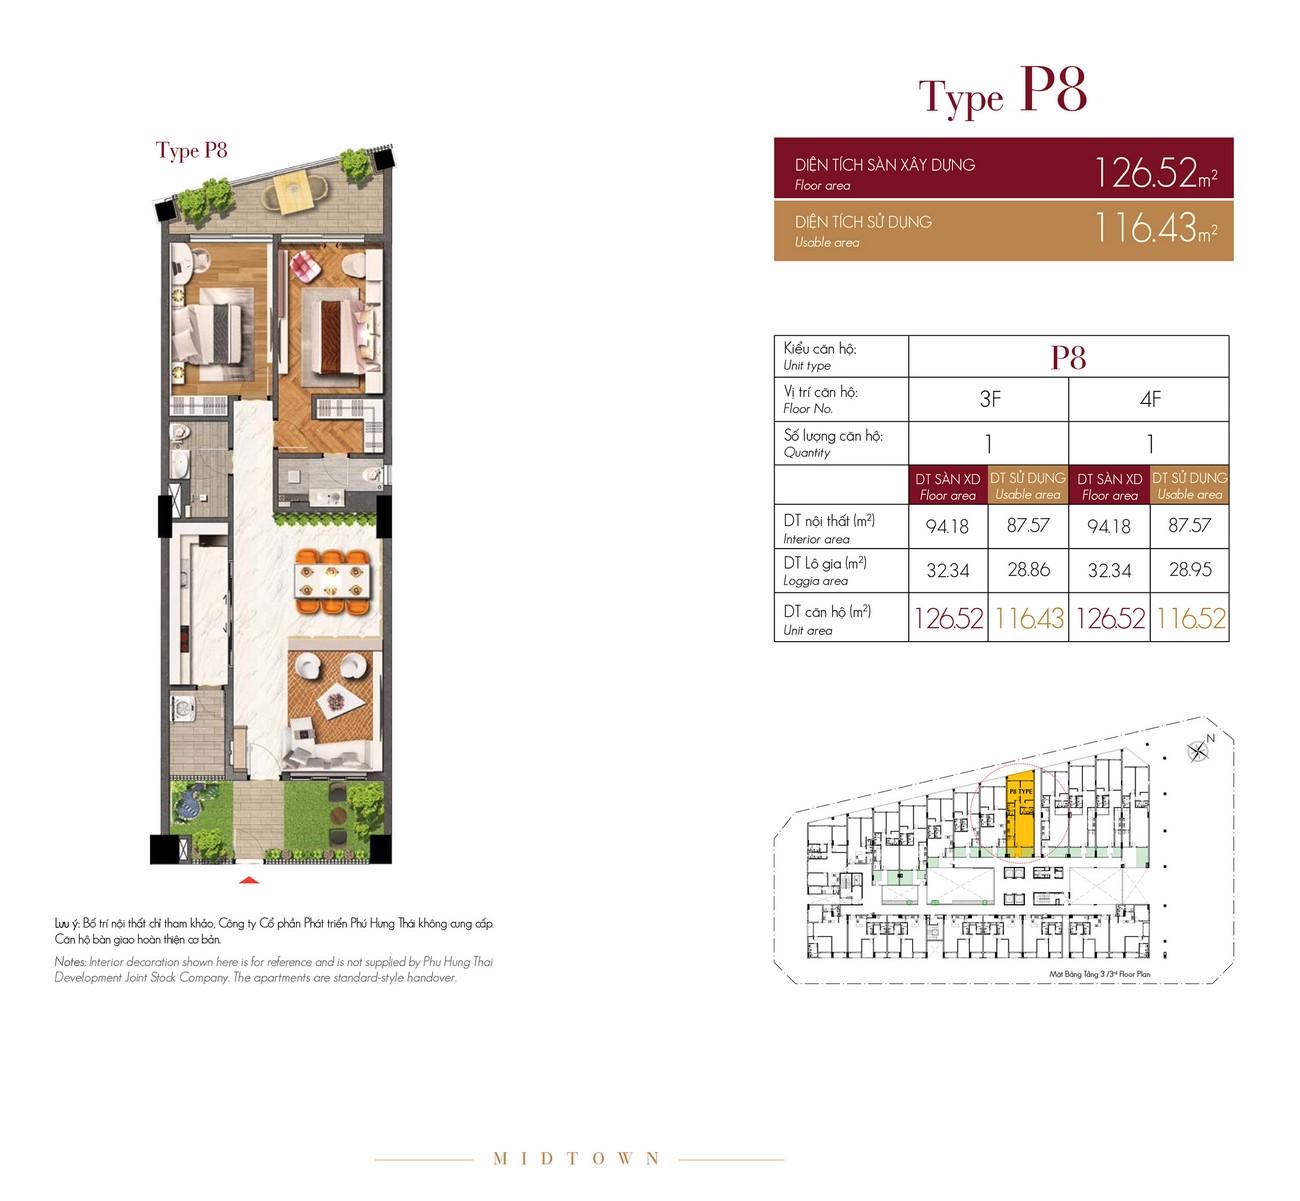 Thiết kế dự án căn hộ chung cư The Grande PMH Quận 7 Đường Nguyễn Lương Bằng chủ đầu tư Phú Mỹ Hưng